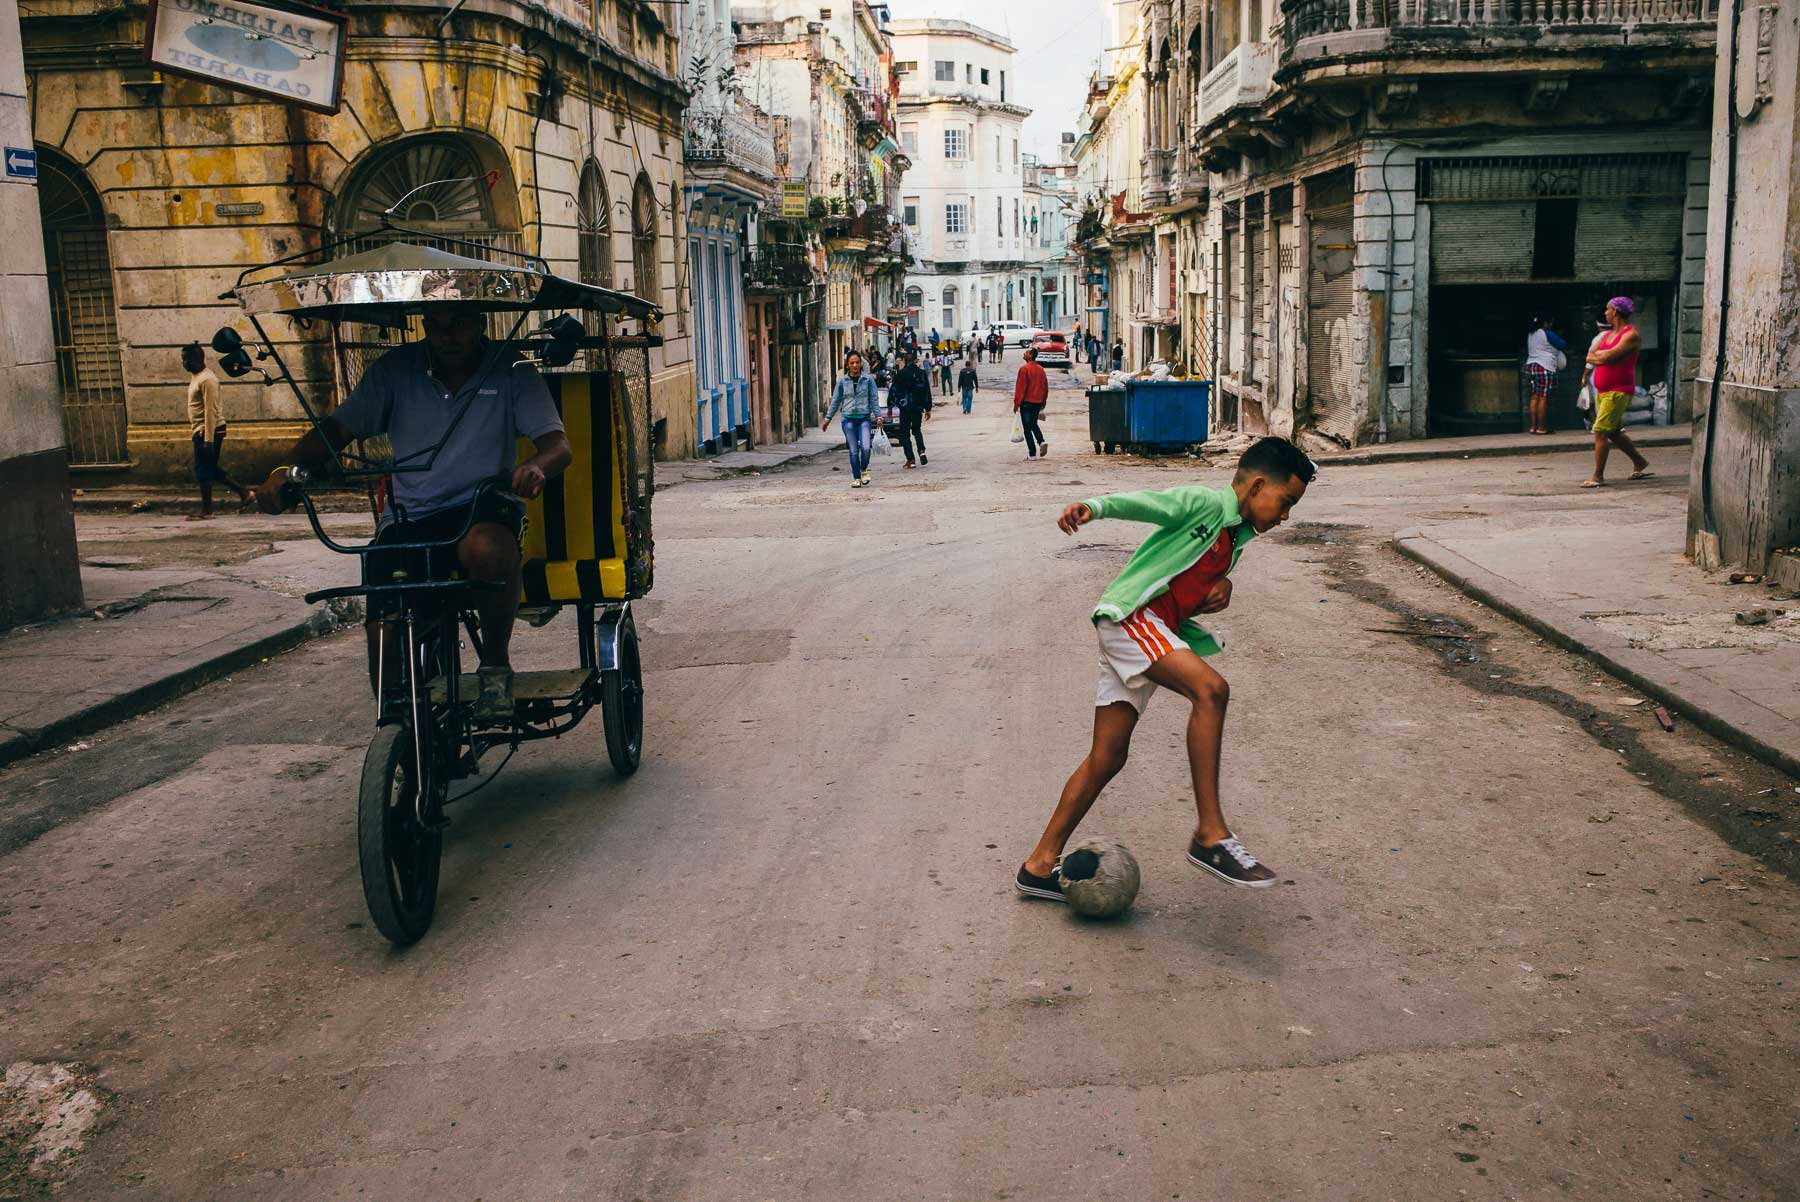 havana_cuba_workshop_photographers.jpg